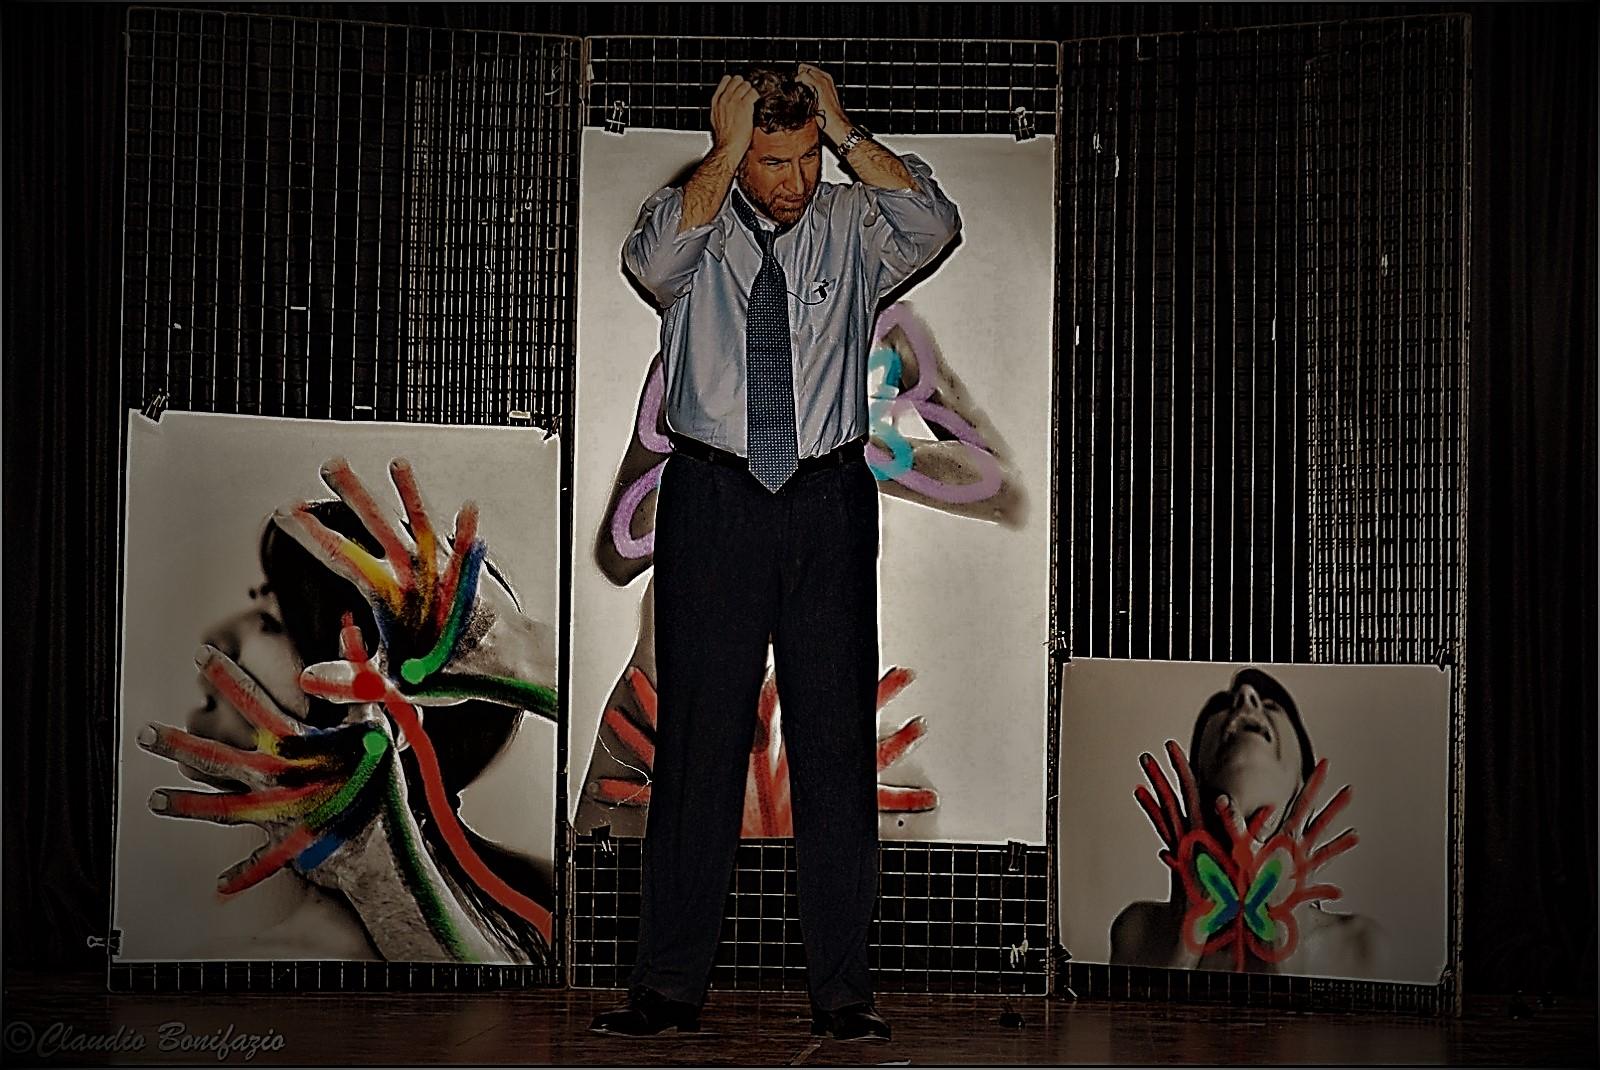 Eugenio Gradabosco - Questa storia sbagliata